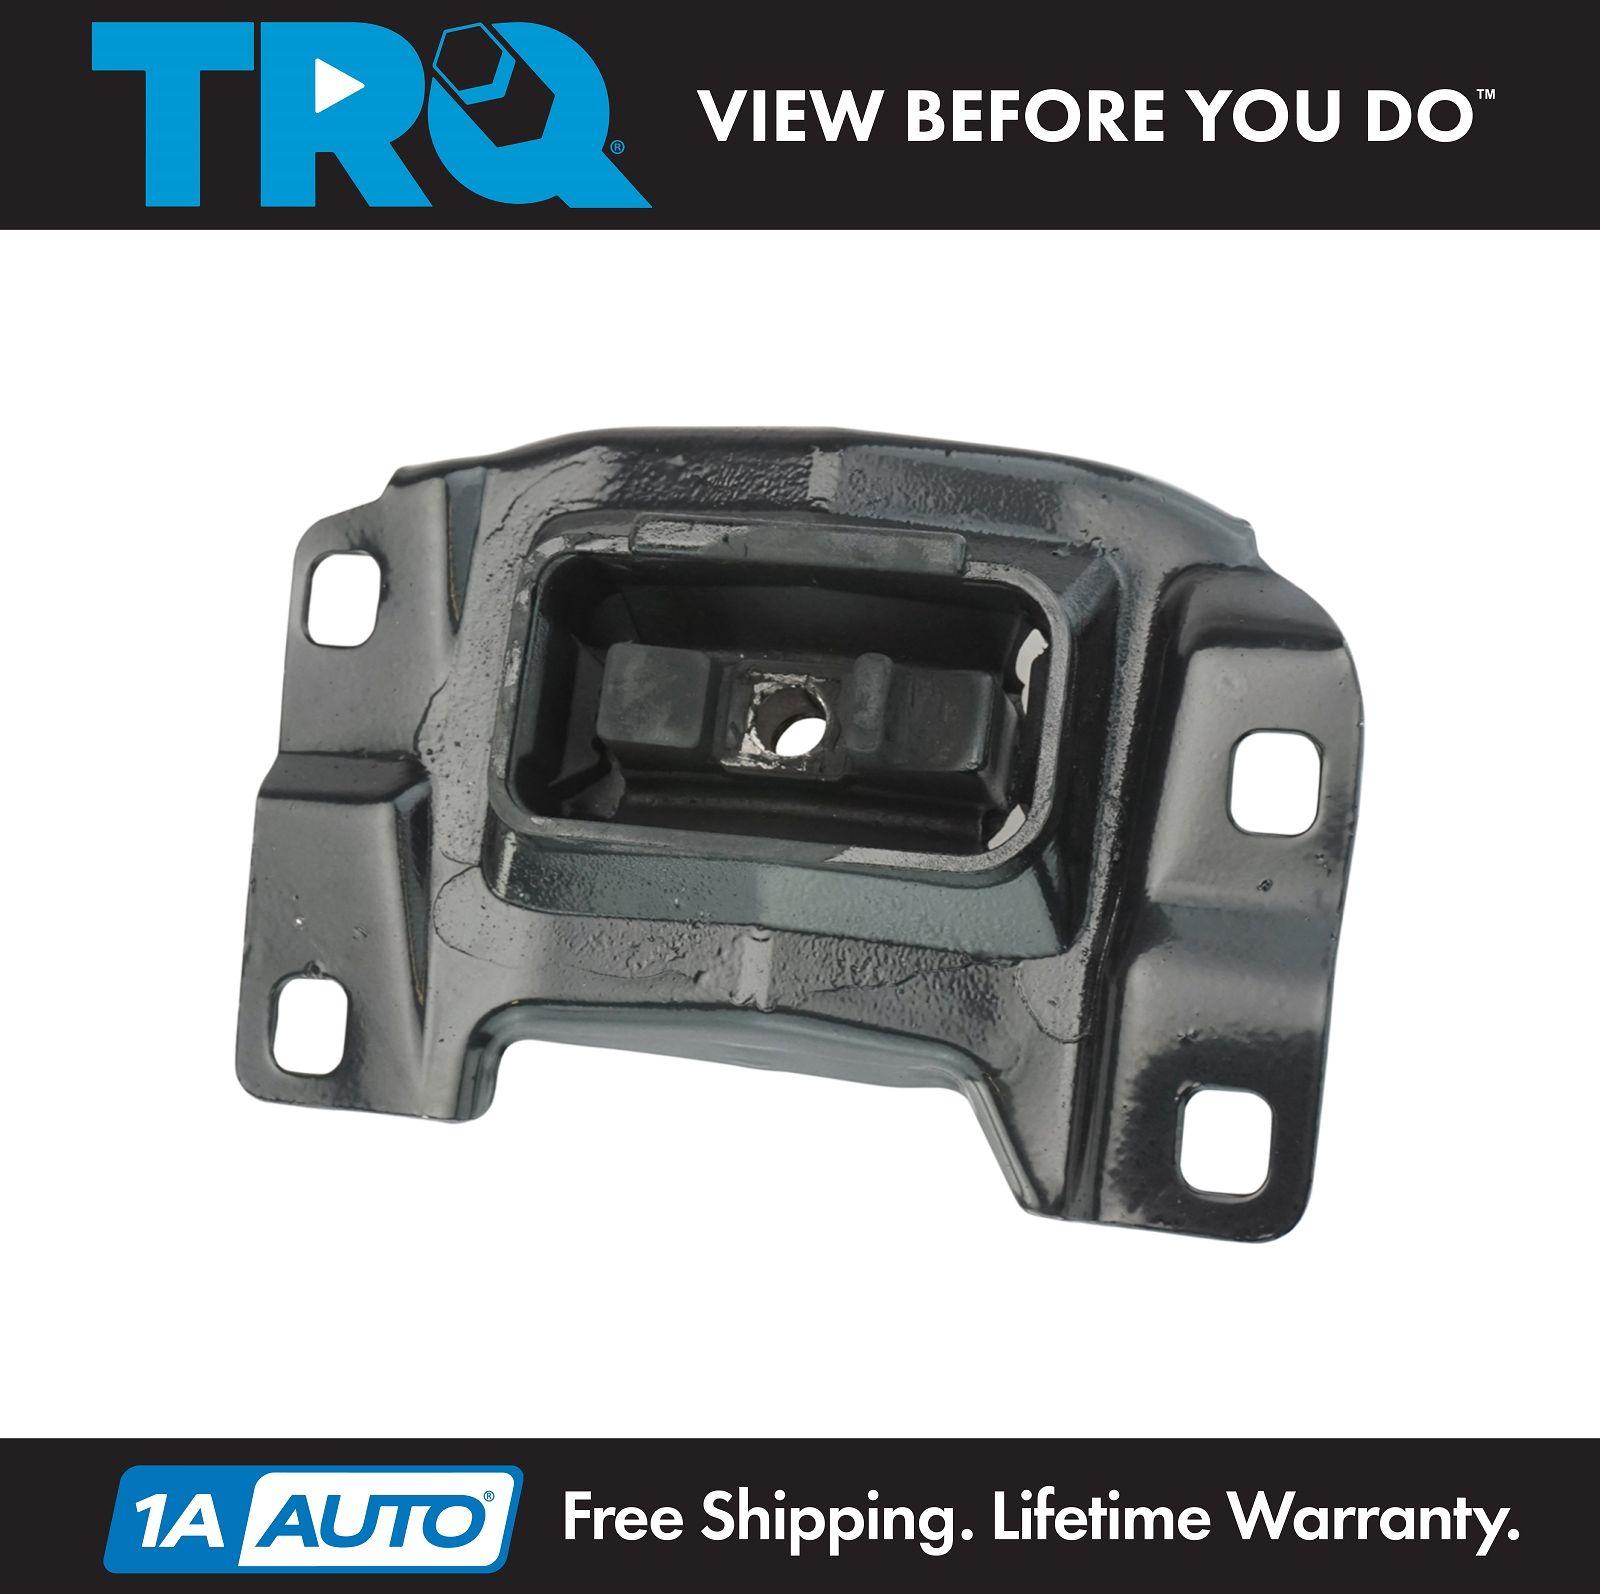 For 2004 05 06 07 08 09 10 2011 Mazda 3 Trans Mount Transmission Mount